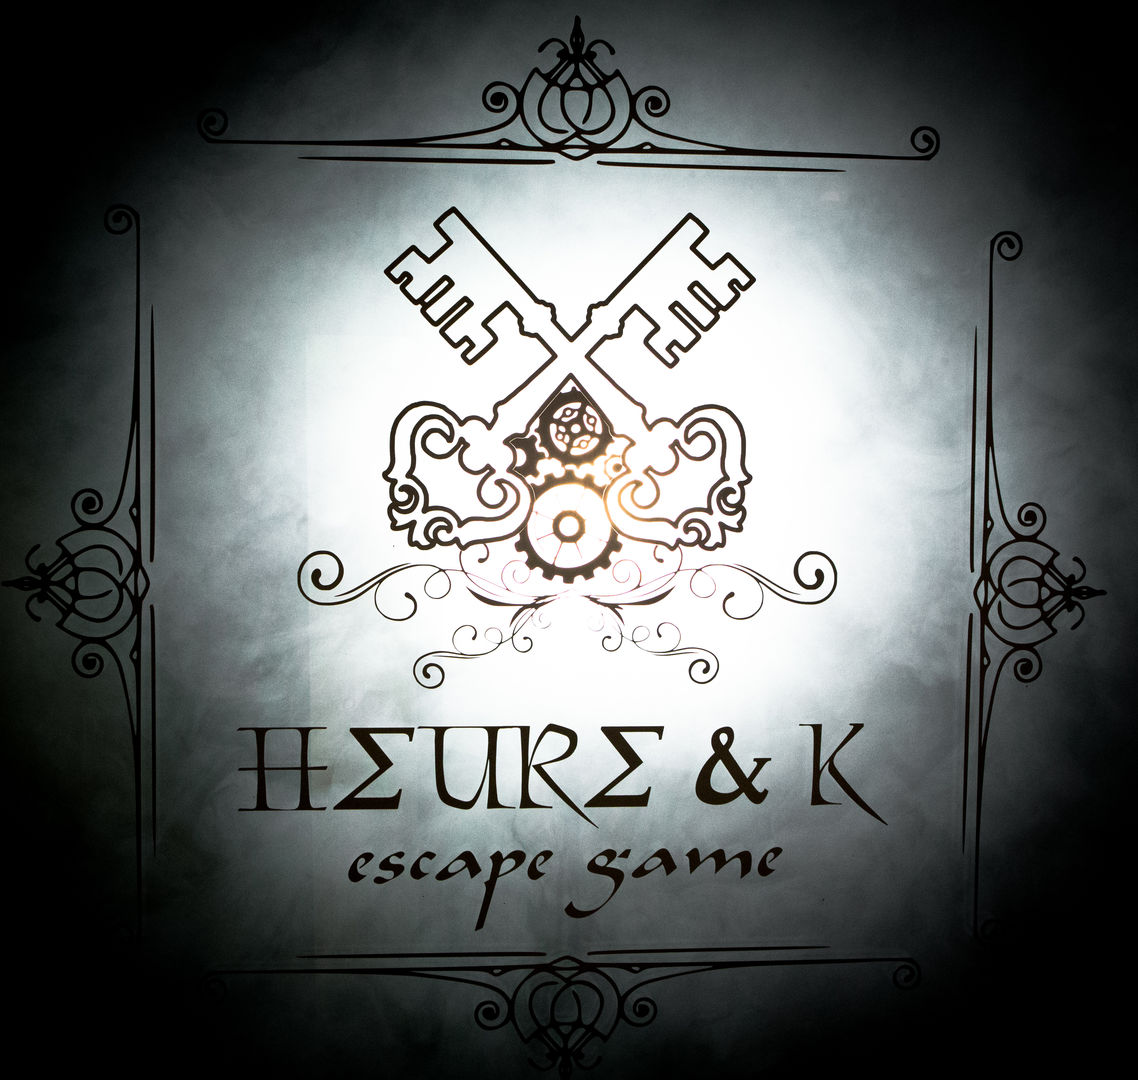 Heure et K Escape Game-Plerin-1